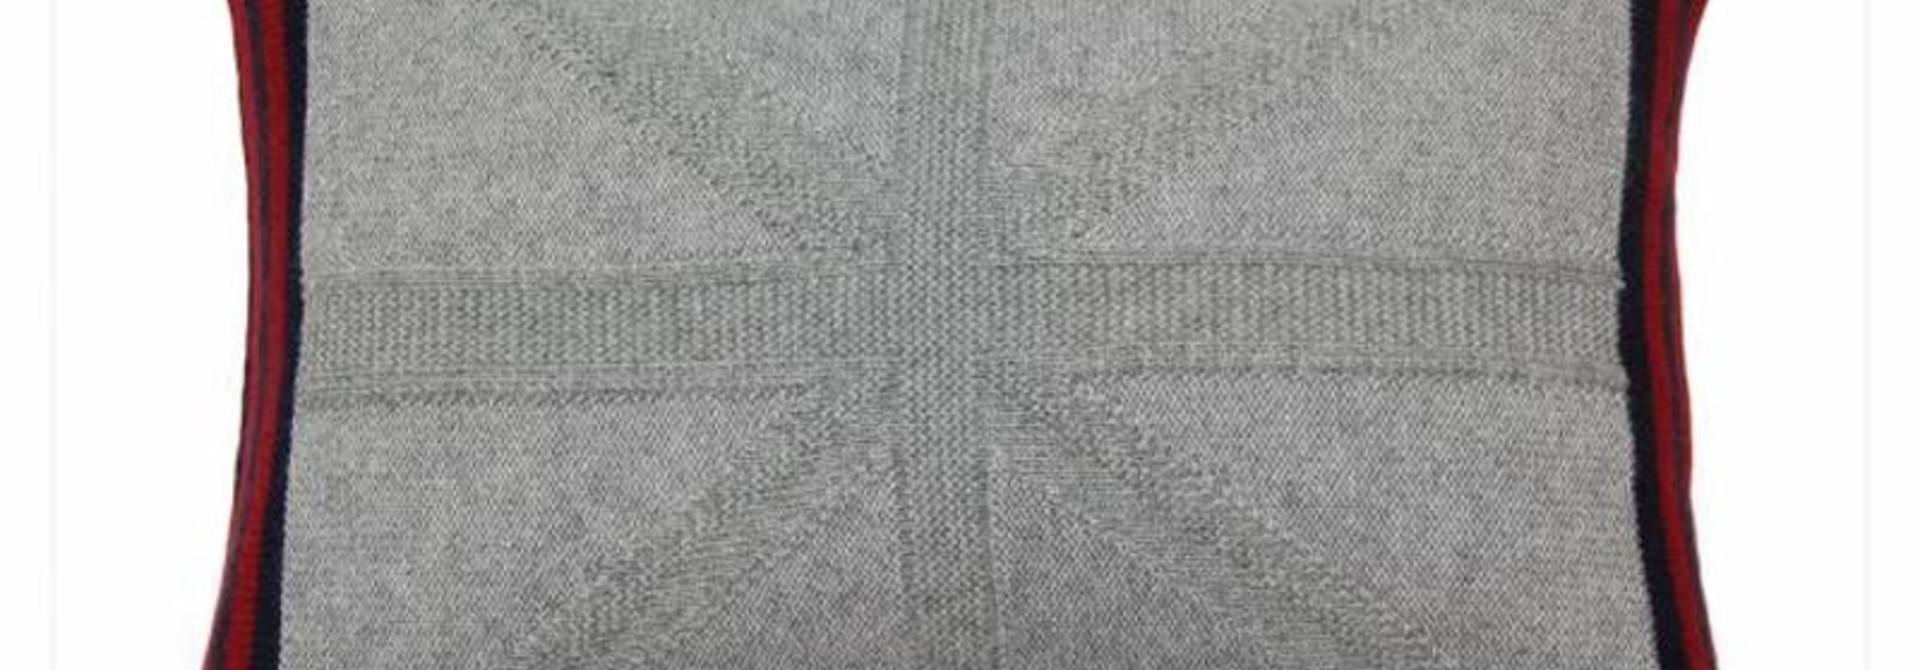 Cashmere Union Jack Cushion